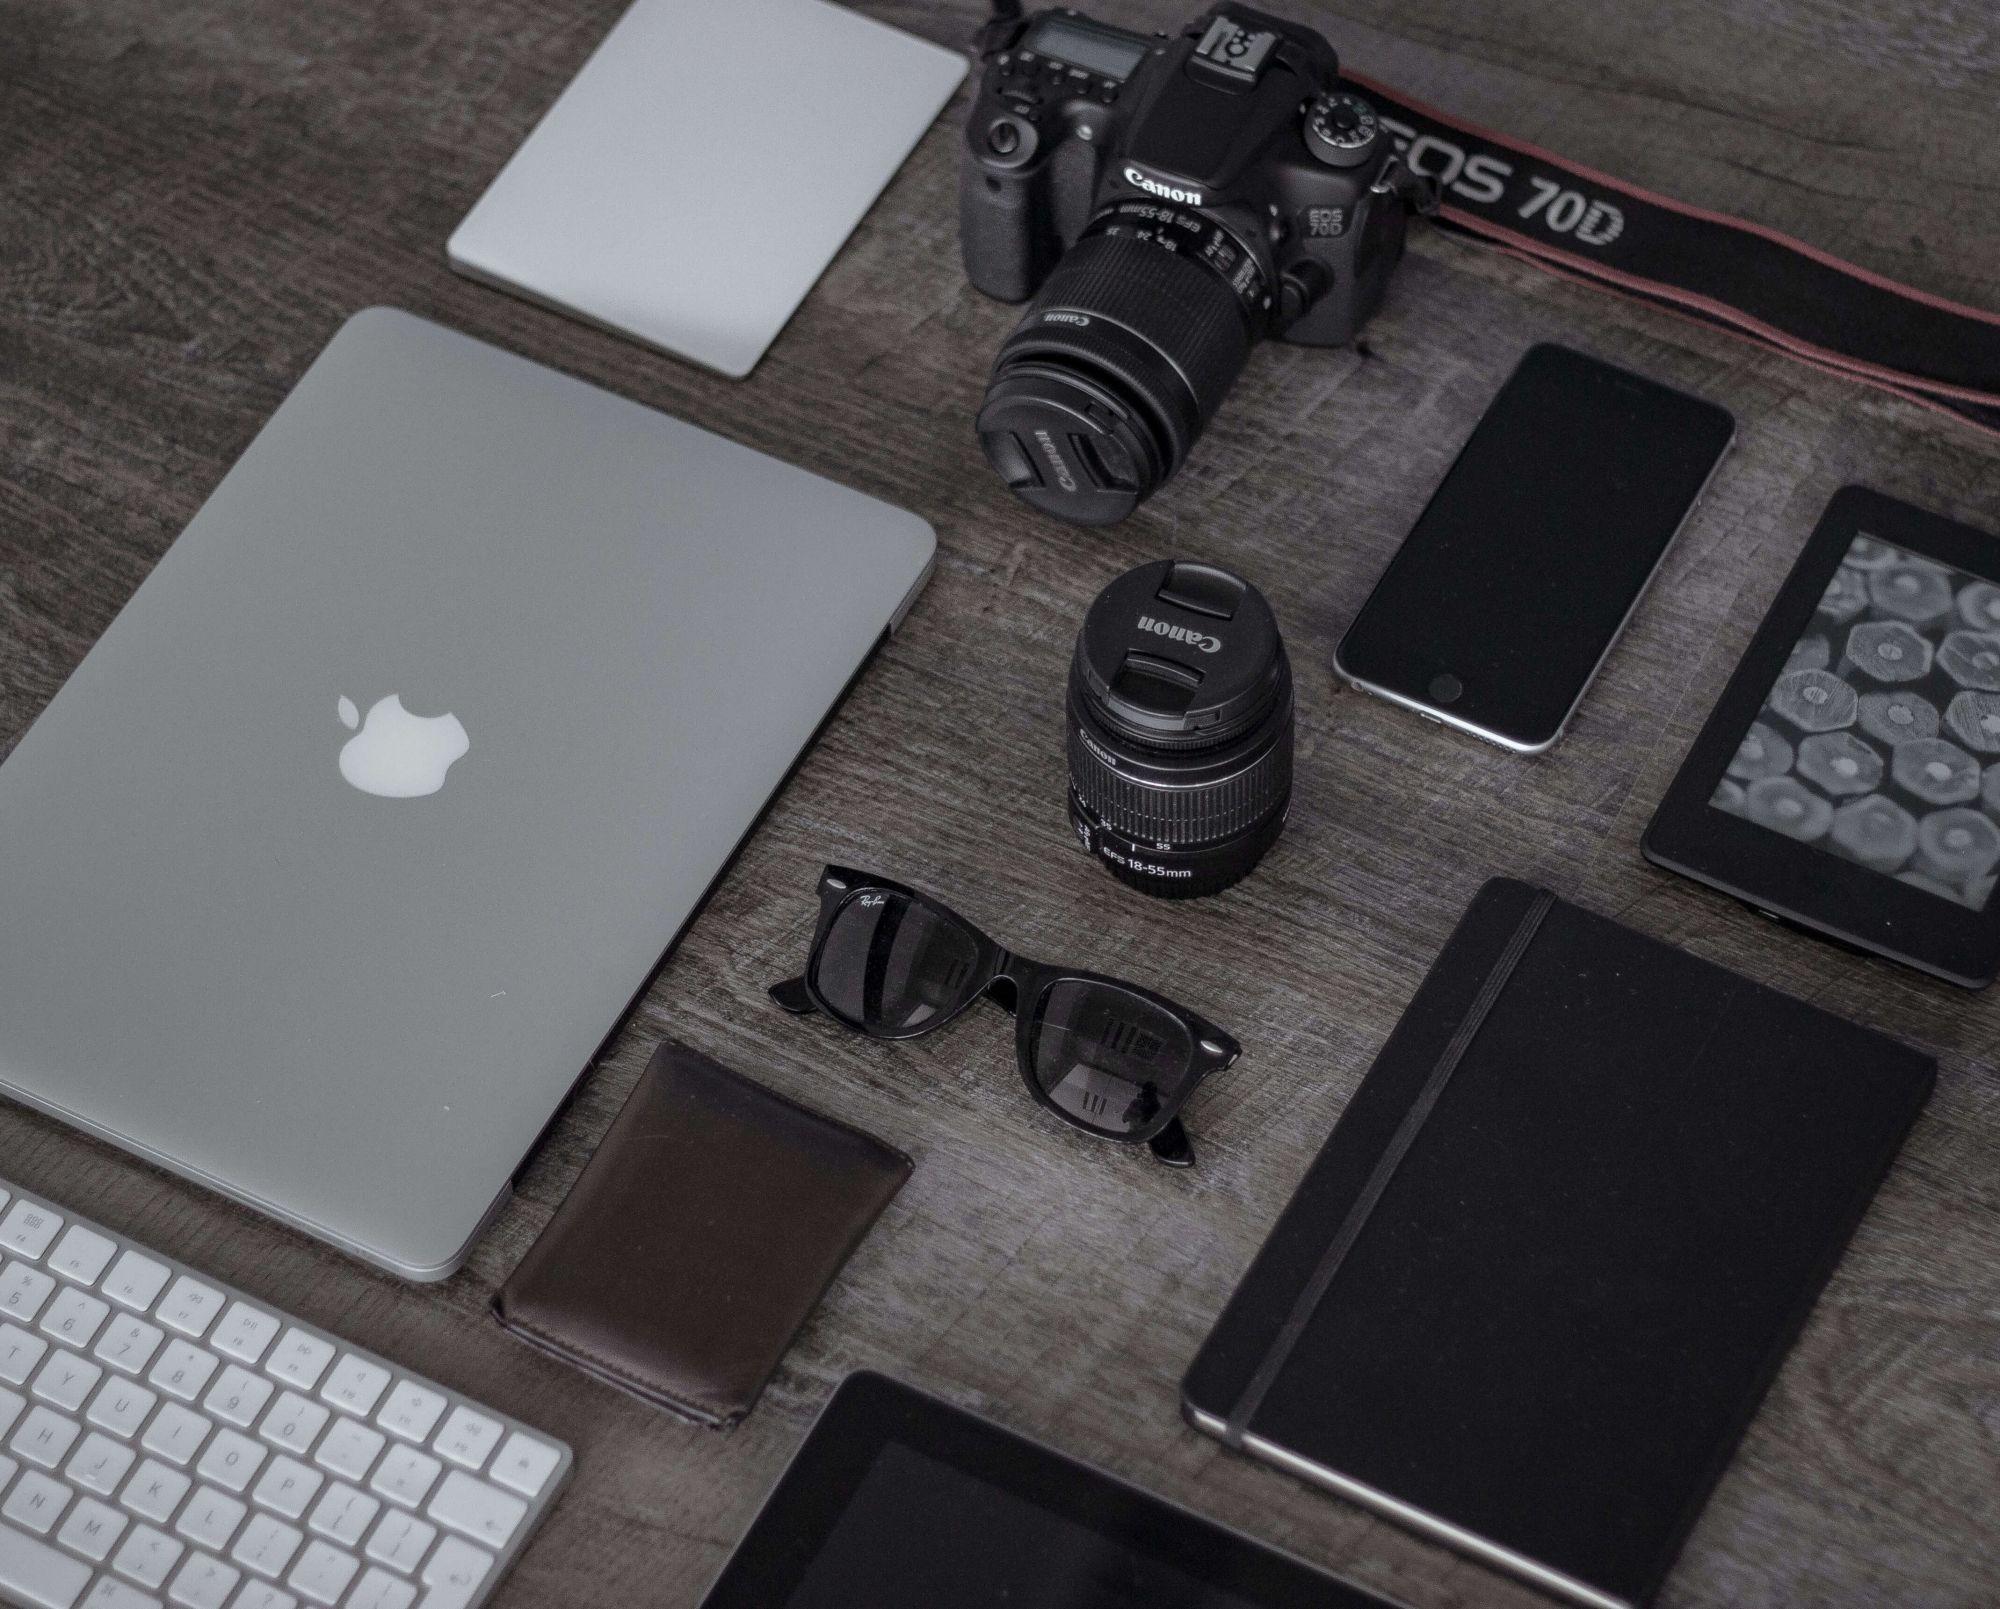 איךאפשר לשווק מוצר דיגיטלי